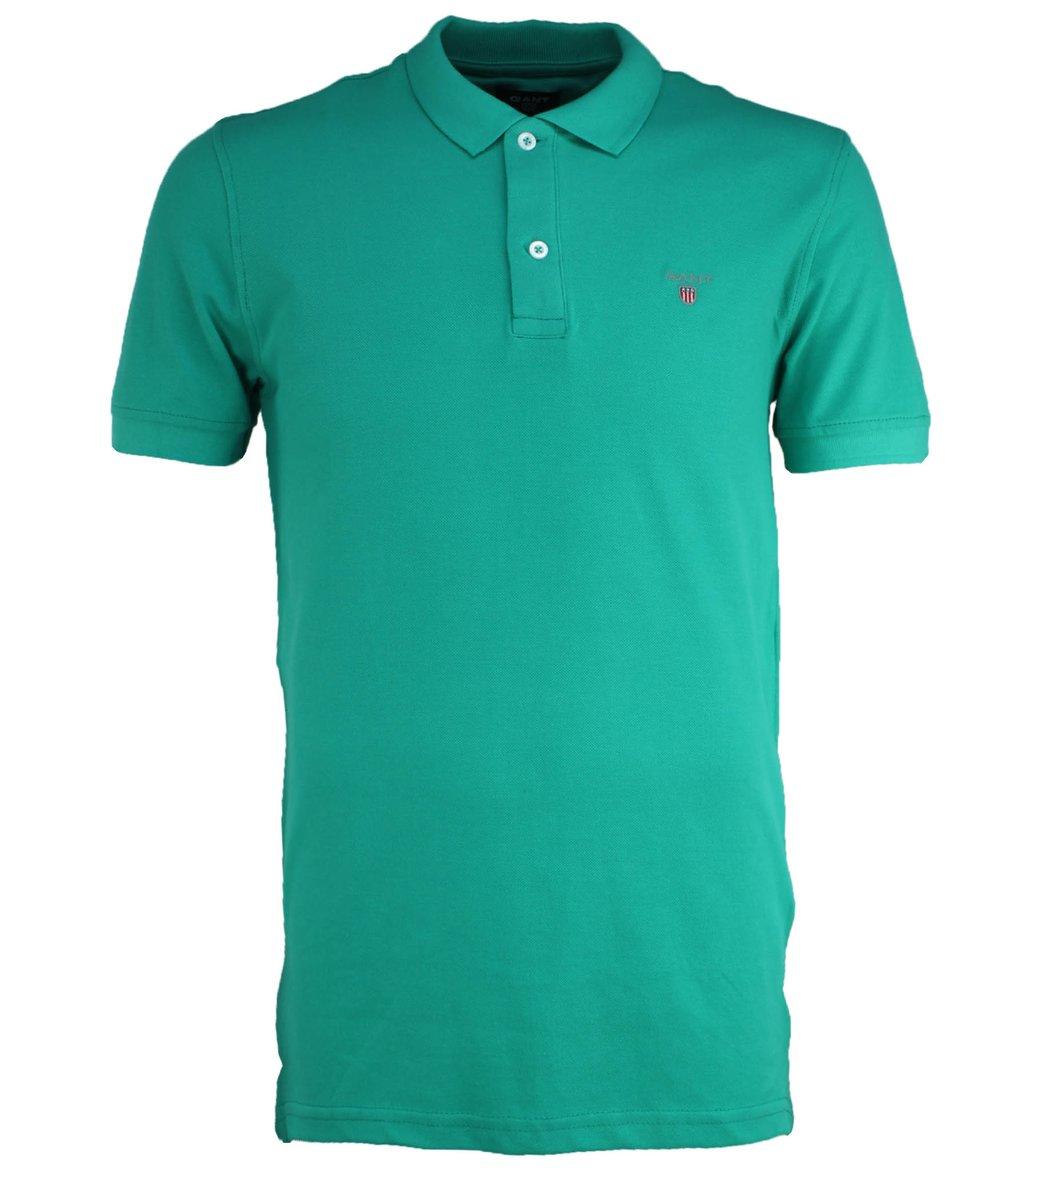 Мятная классическая футболка поло Gant G2